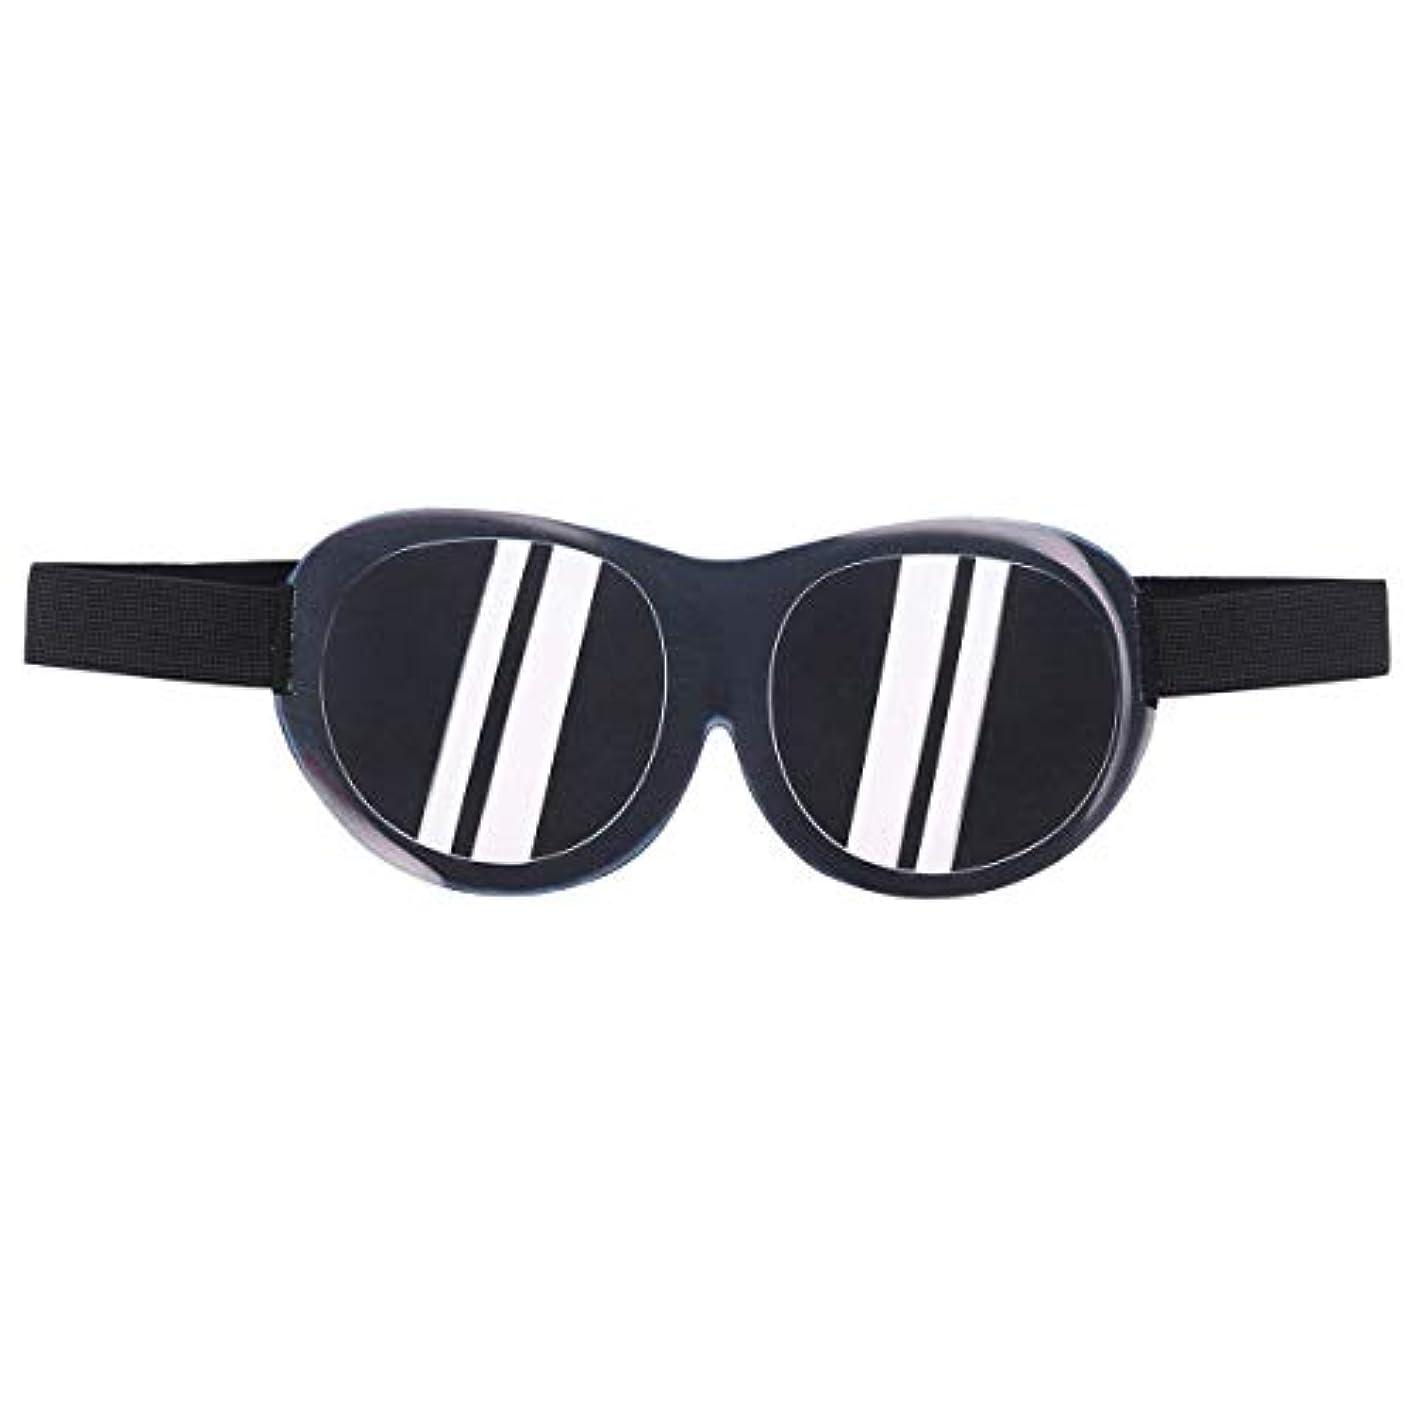 ぬるい政令遠足Healifty 3D面白いアイシェード睡眠マスク旅行アイマスク目隠し睡眠ヘルパーアイシェード男性女性旅行昼寝と深い睡眠(サングラスを装ったふりをする)